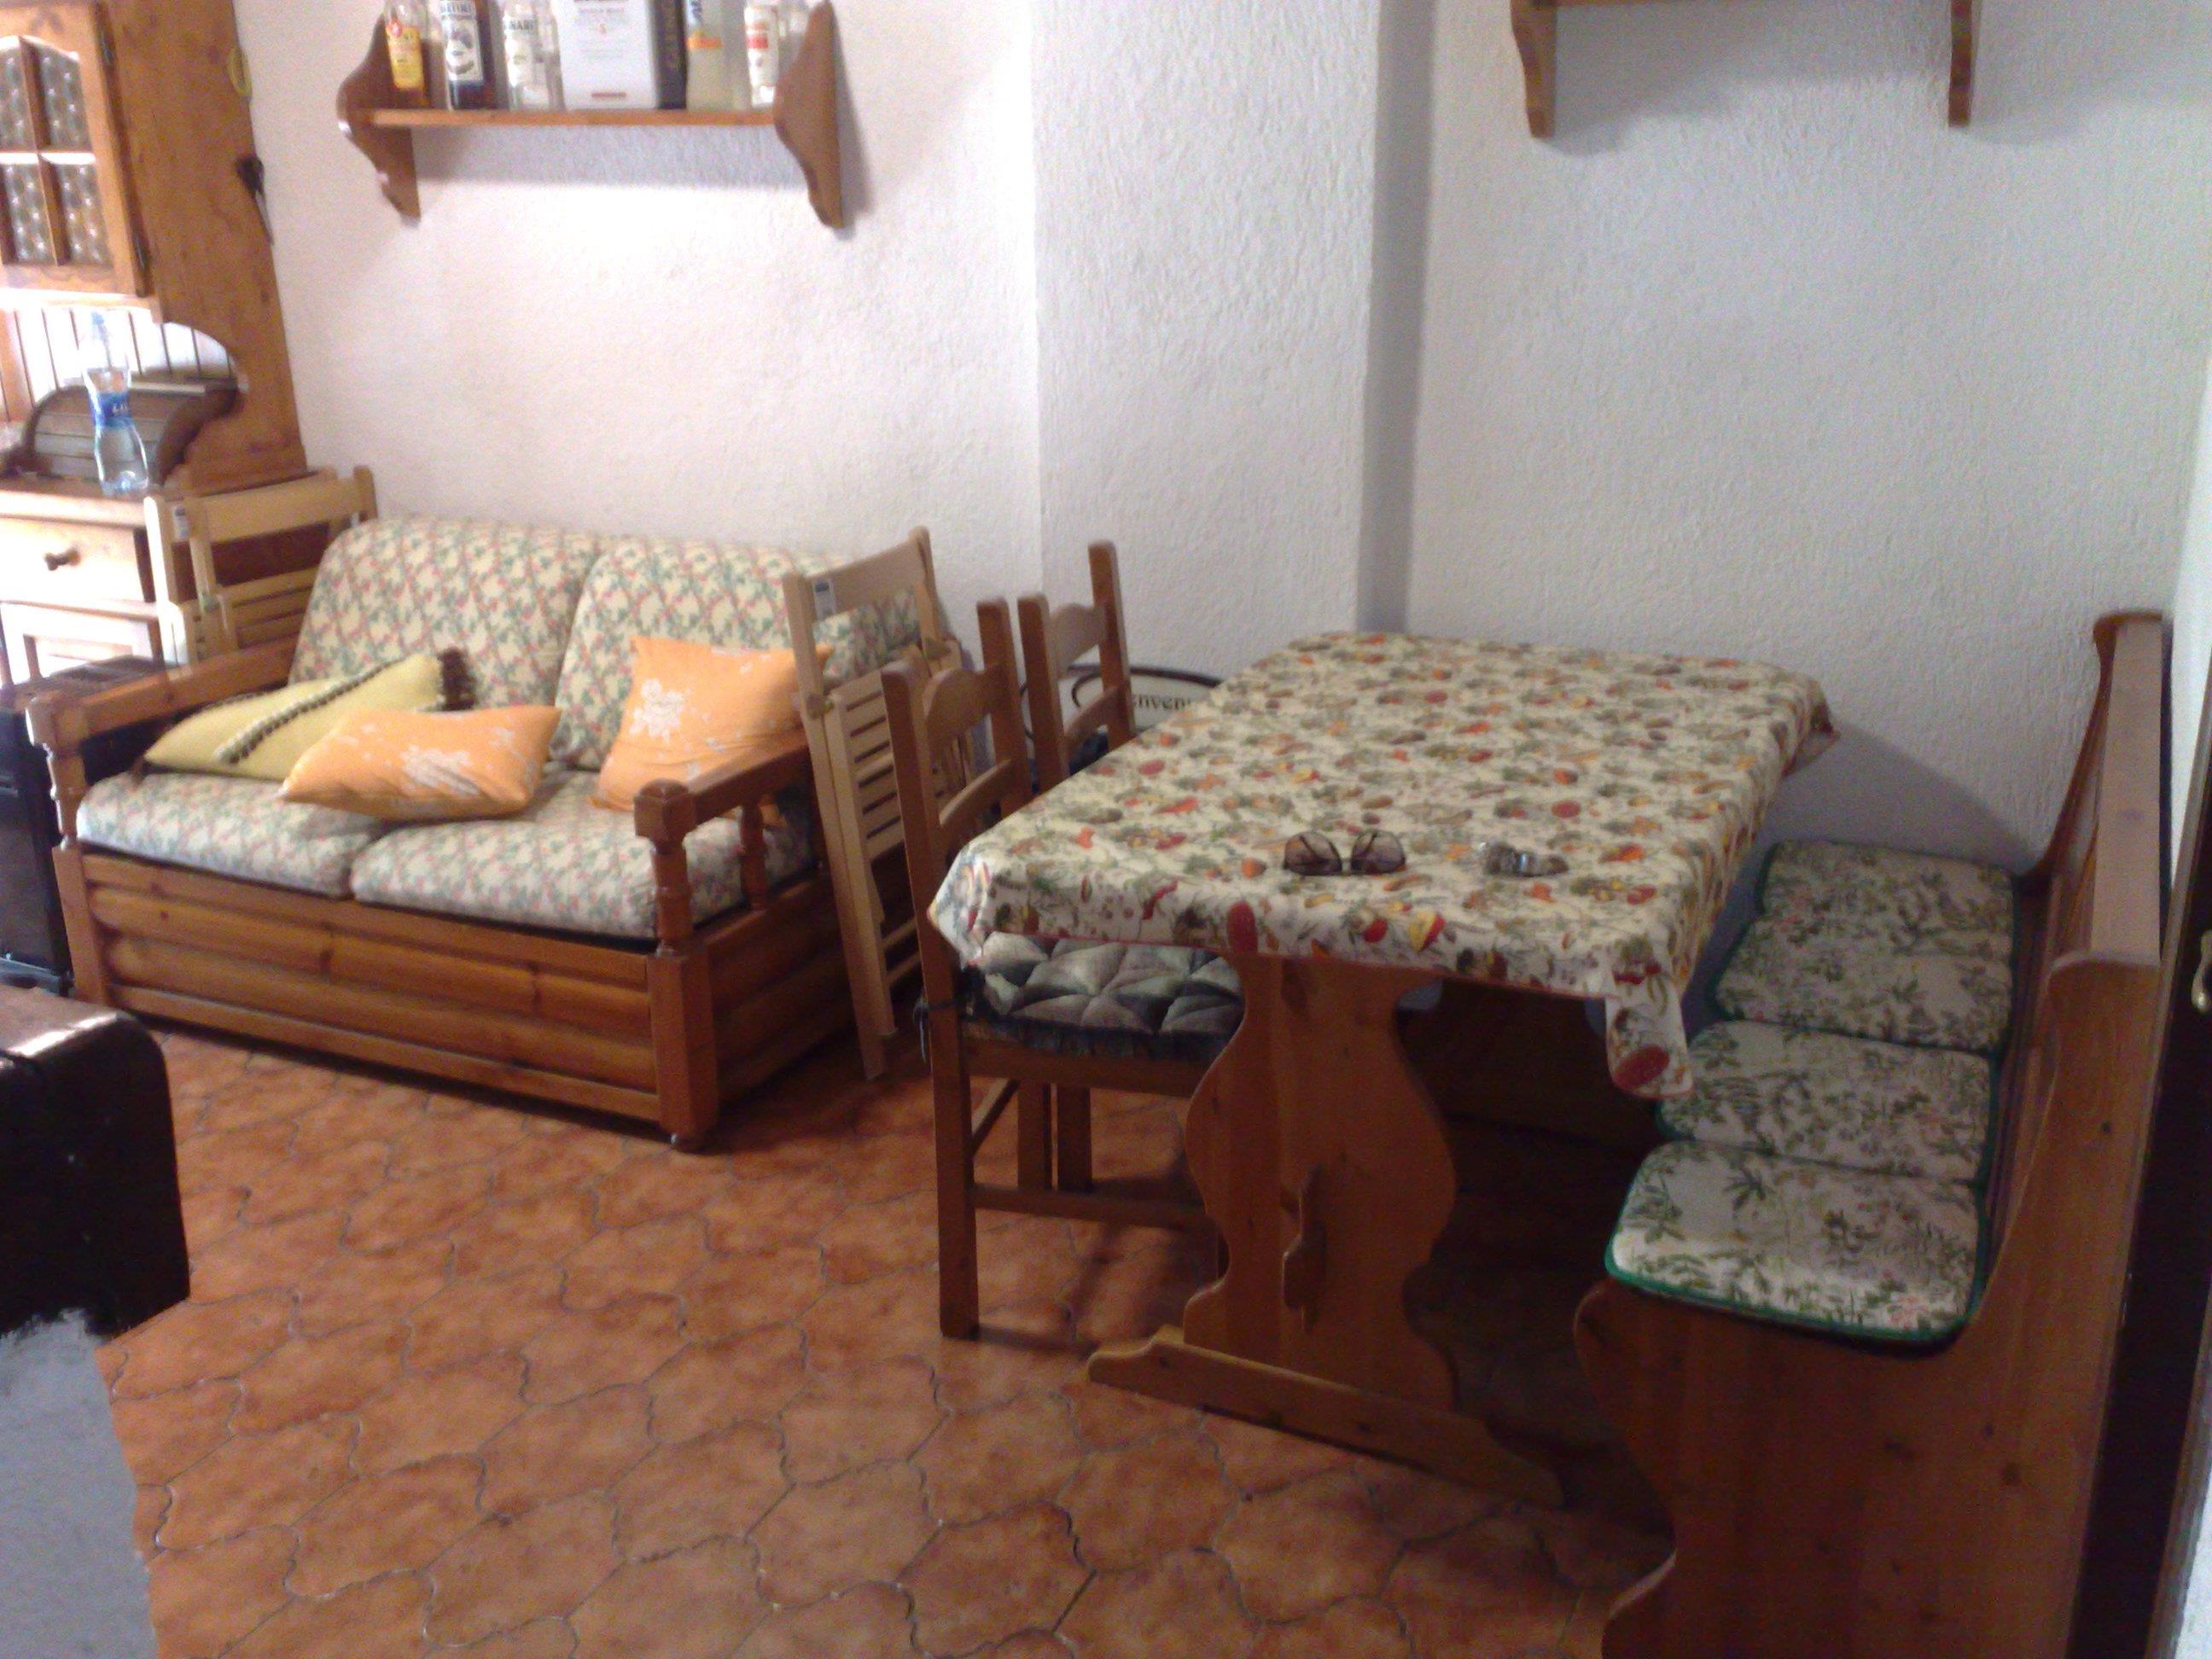 Case in vendita da privati filettino annunci immobiliari for Cerco casa privati